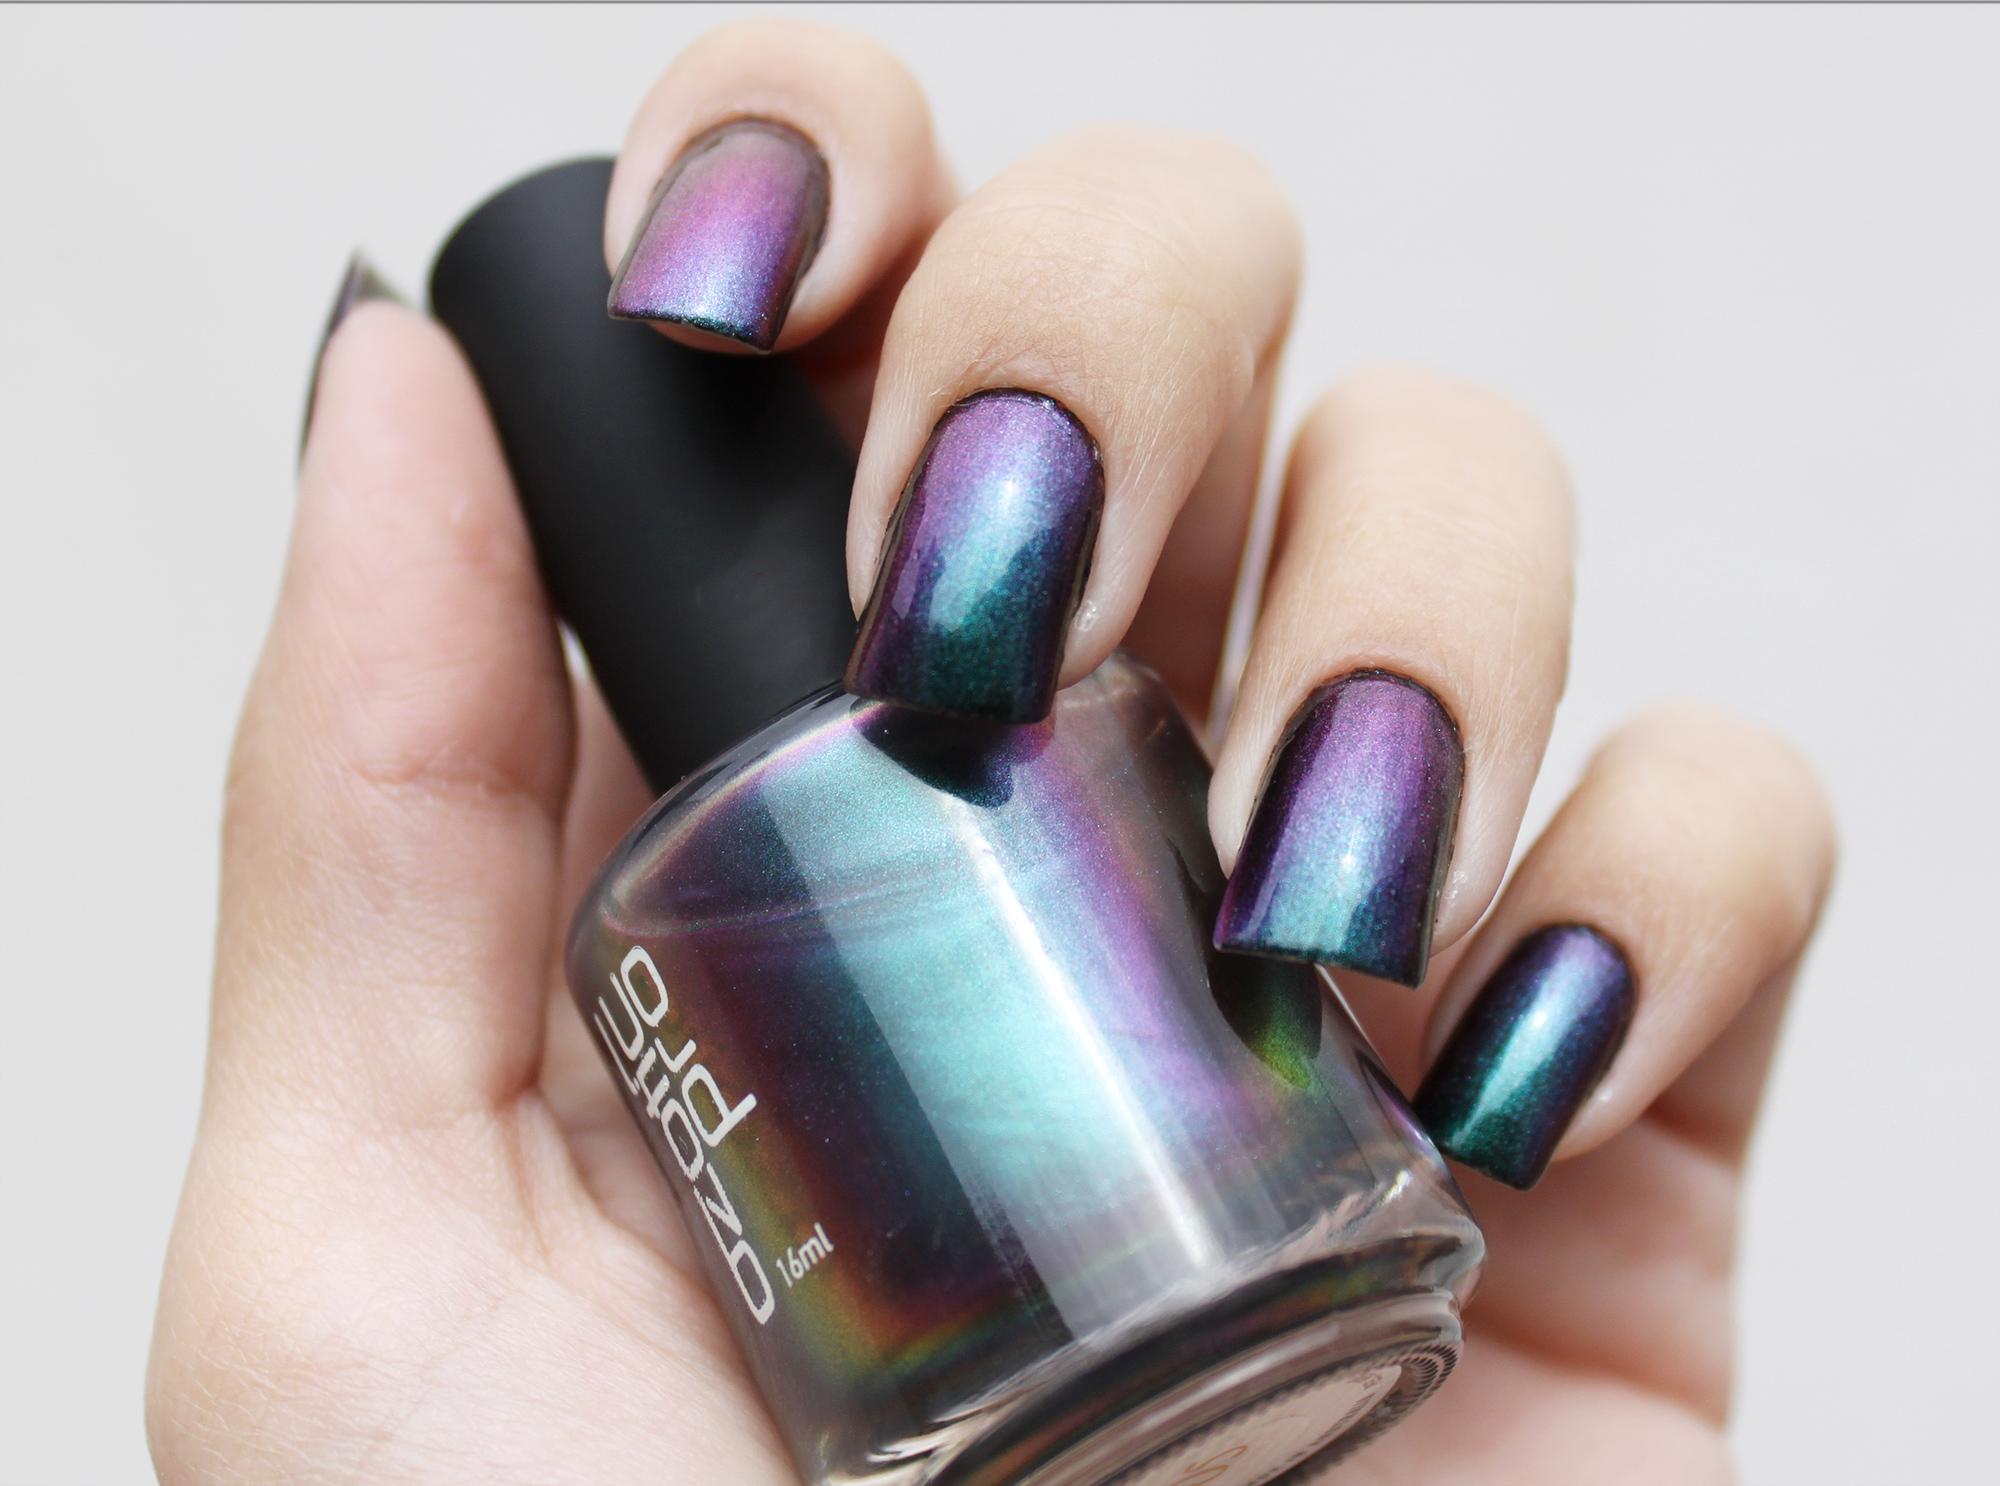 Ozotic_nail_polish